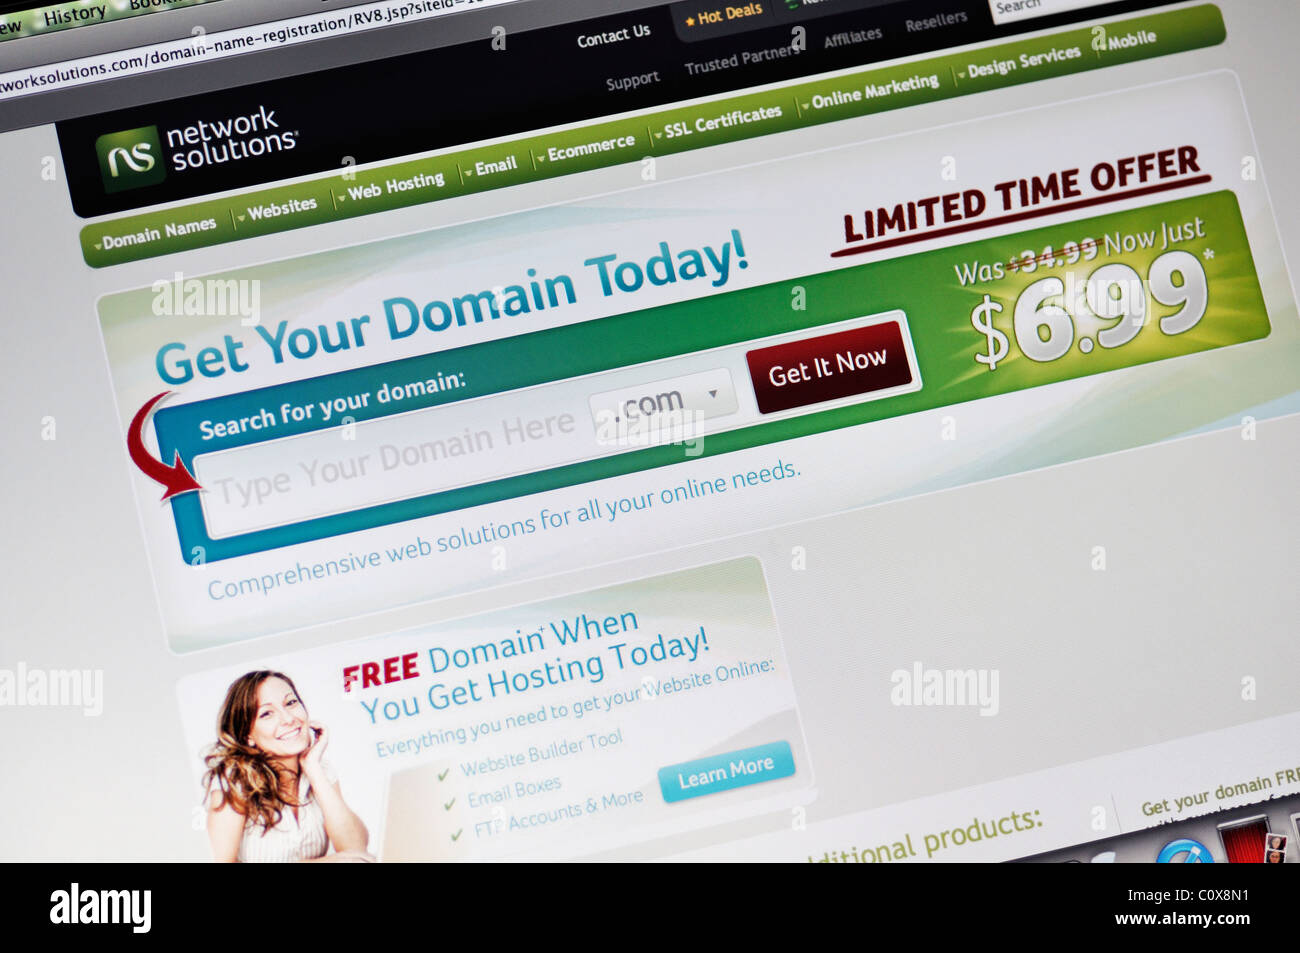 Network Solutions-Website - Domain-Namen, Web-hosting und Online-marketing Stockbild